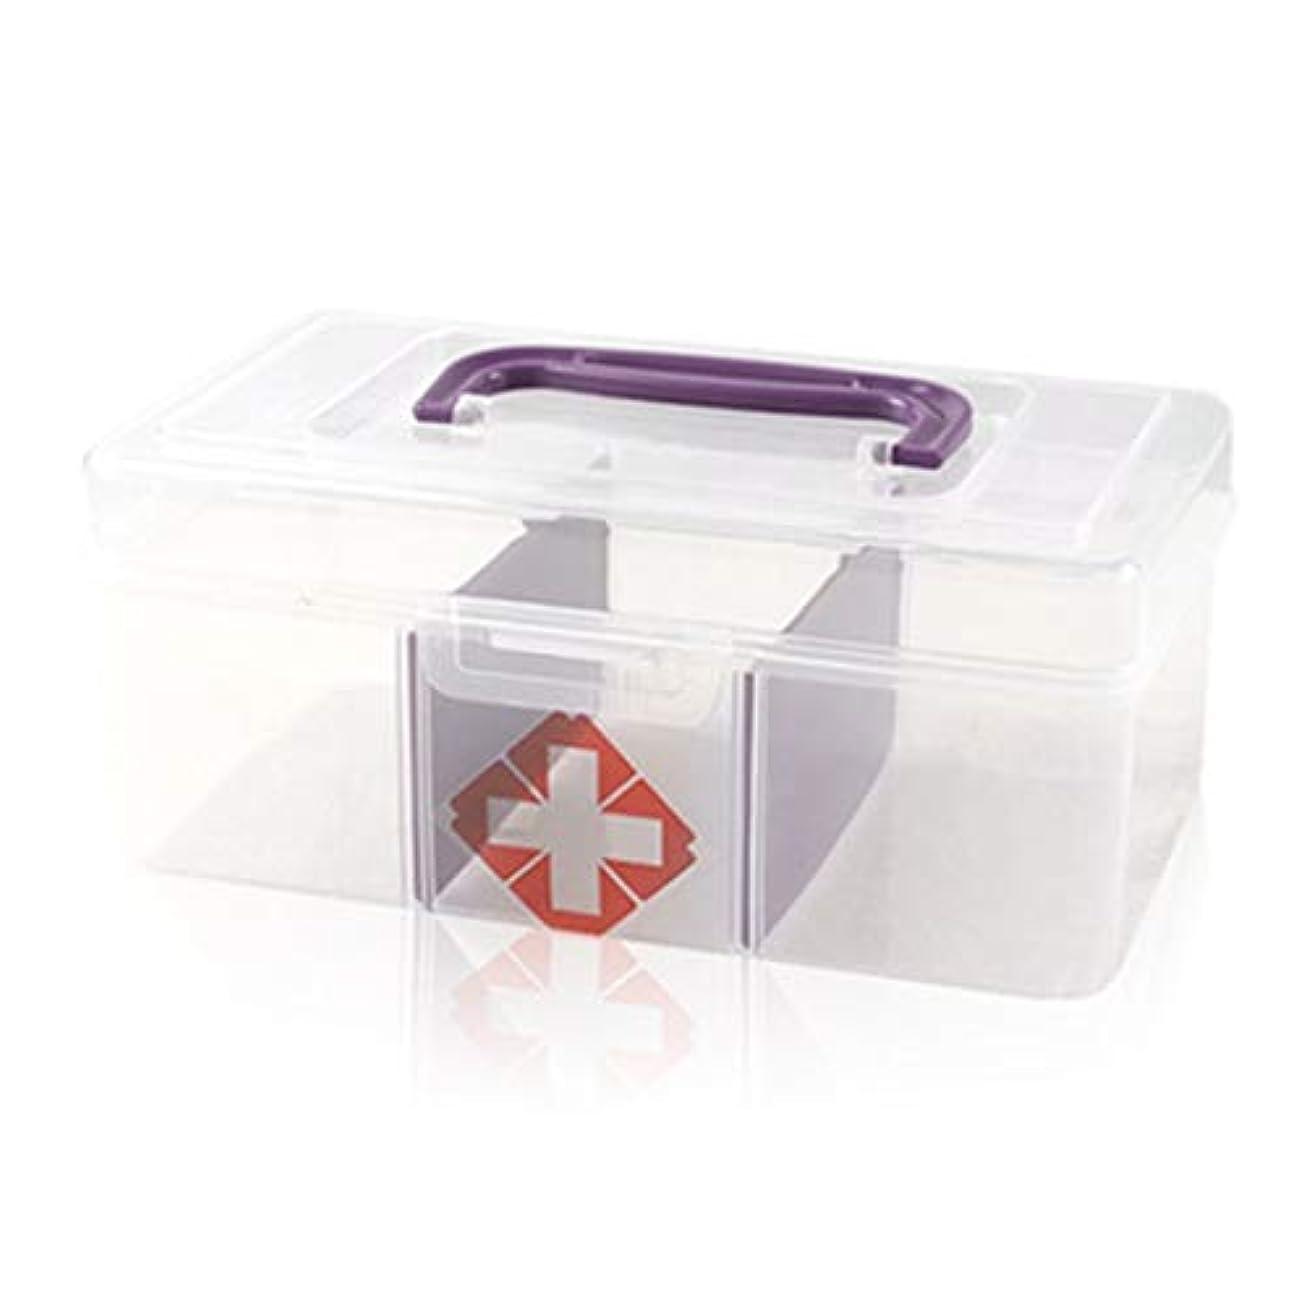 ダイジェスト主導権発表するFirst aid kit 透明小型応急処置キットポータブル車の小型収納箱学生寮家庭用薬収納ボックス/ 19.2 x 11 x 8.5 cm XBCDP (Color : Purple)